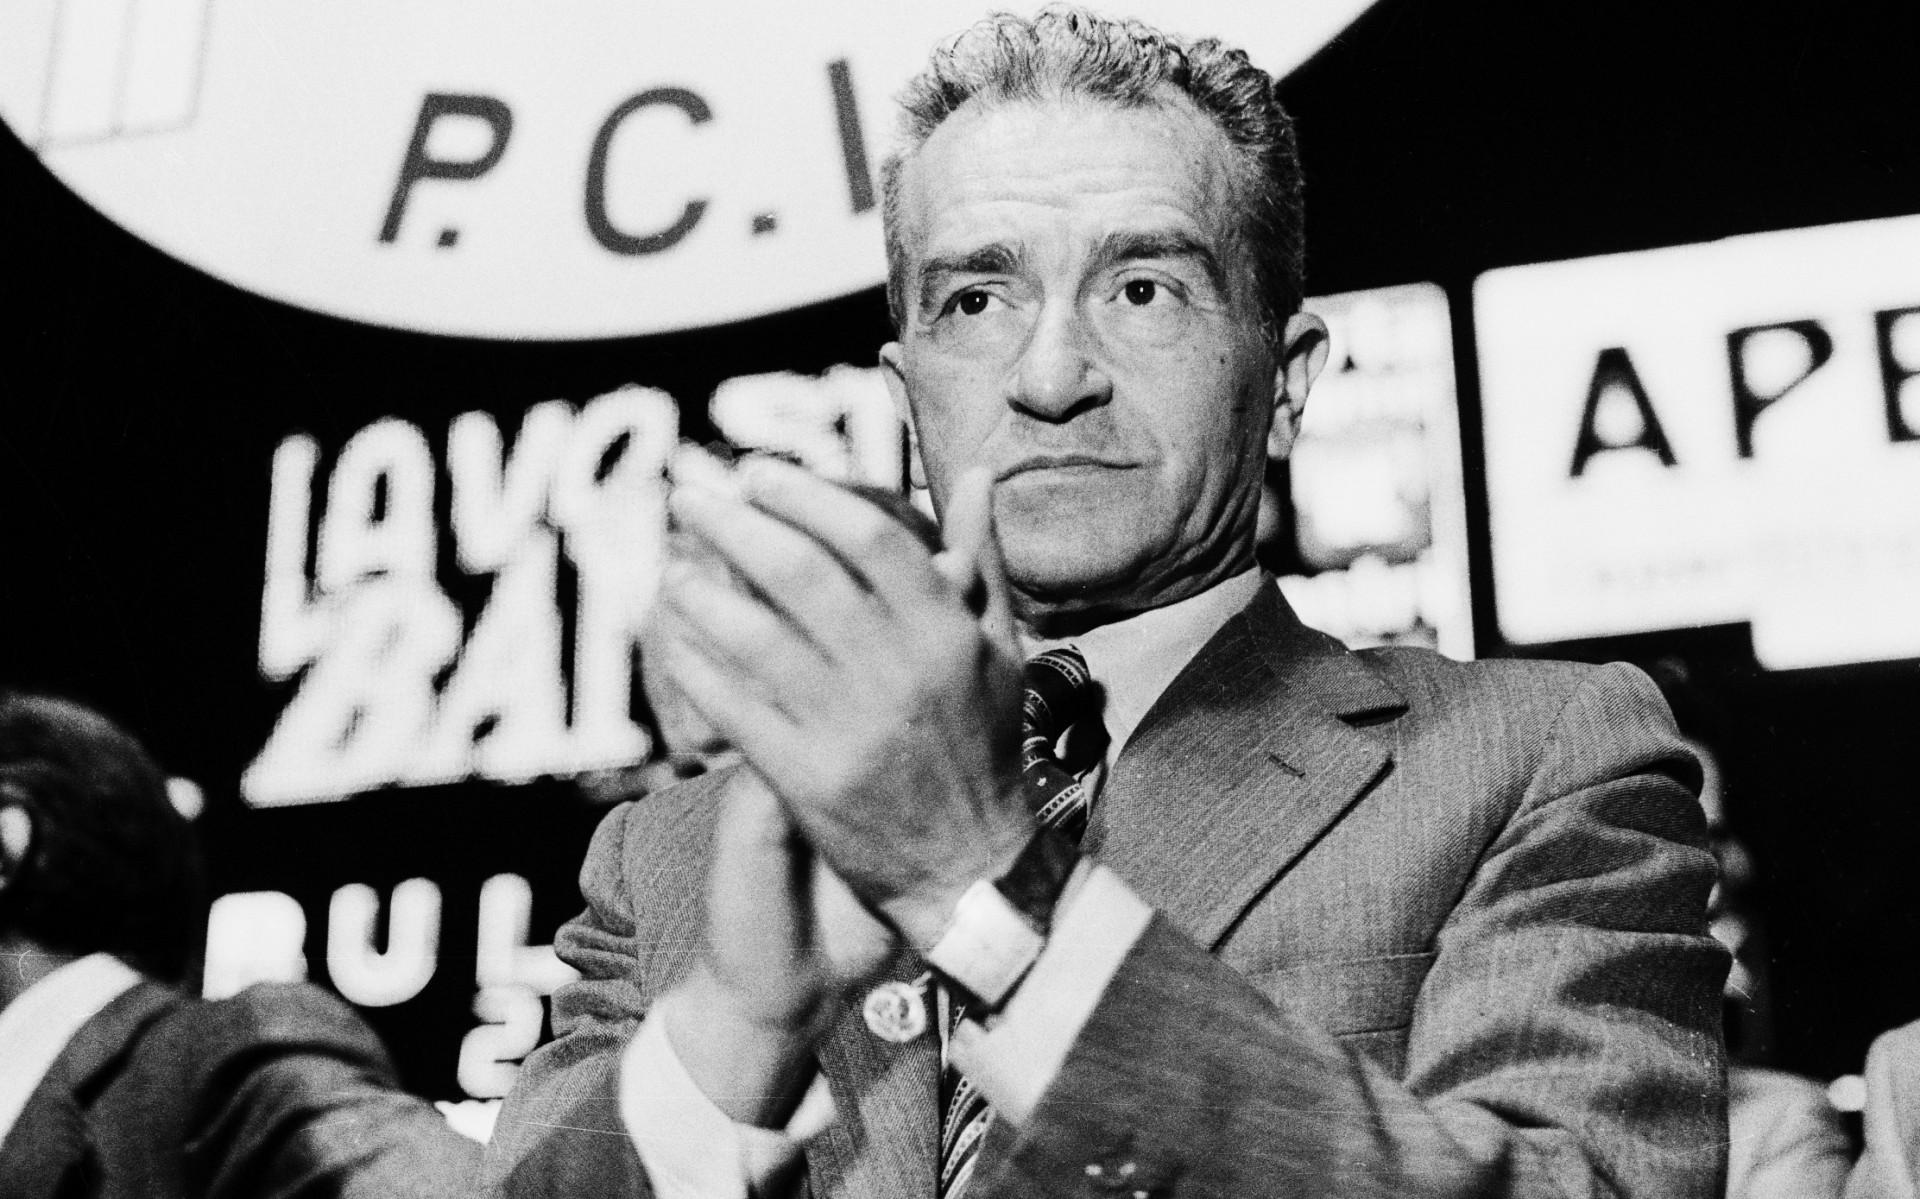 Pietro Ingrao durante un comizio elettorale del Pci in Piazza Duomo a Milano, nel 1976 (Fotogramma)